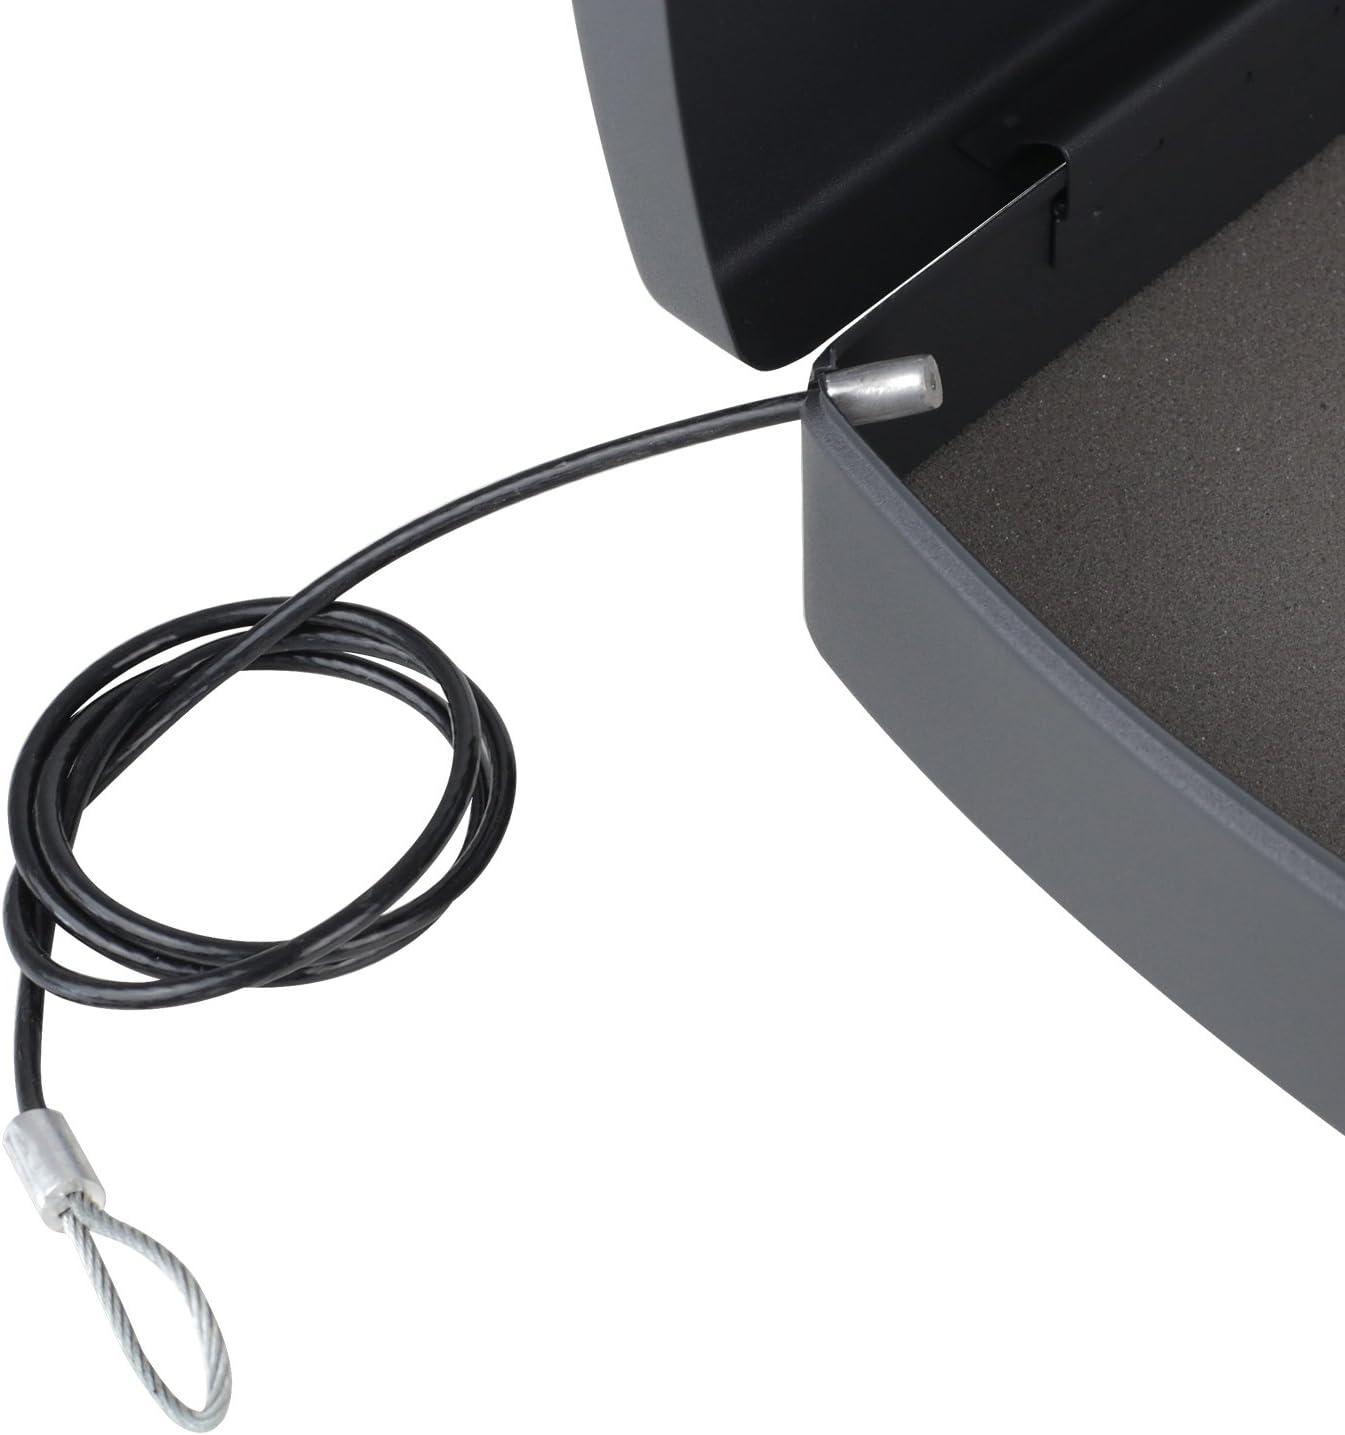 con filo corda HMF 1608-02 Cassaforte per documenti e denaro 33,0 x 23,6 x 8,8 cm Nero chiavistello elettronico